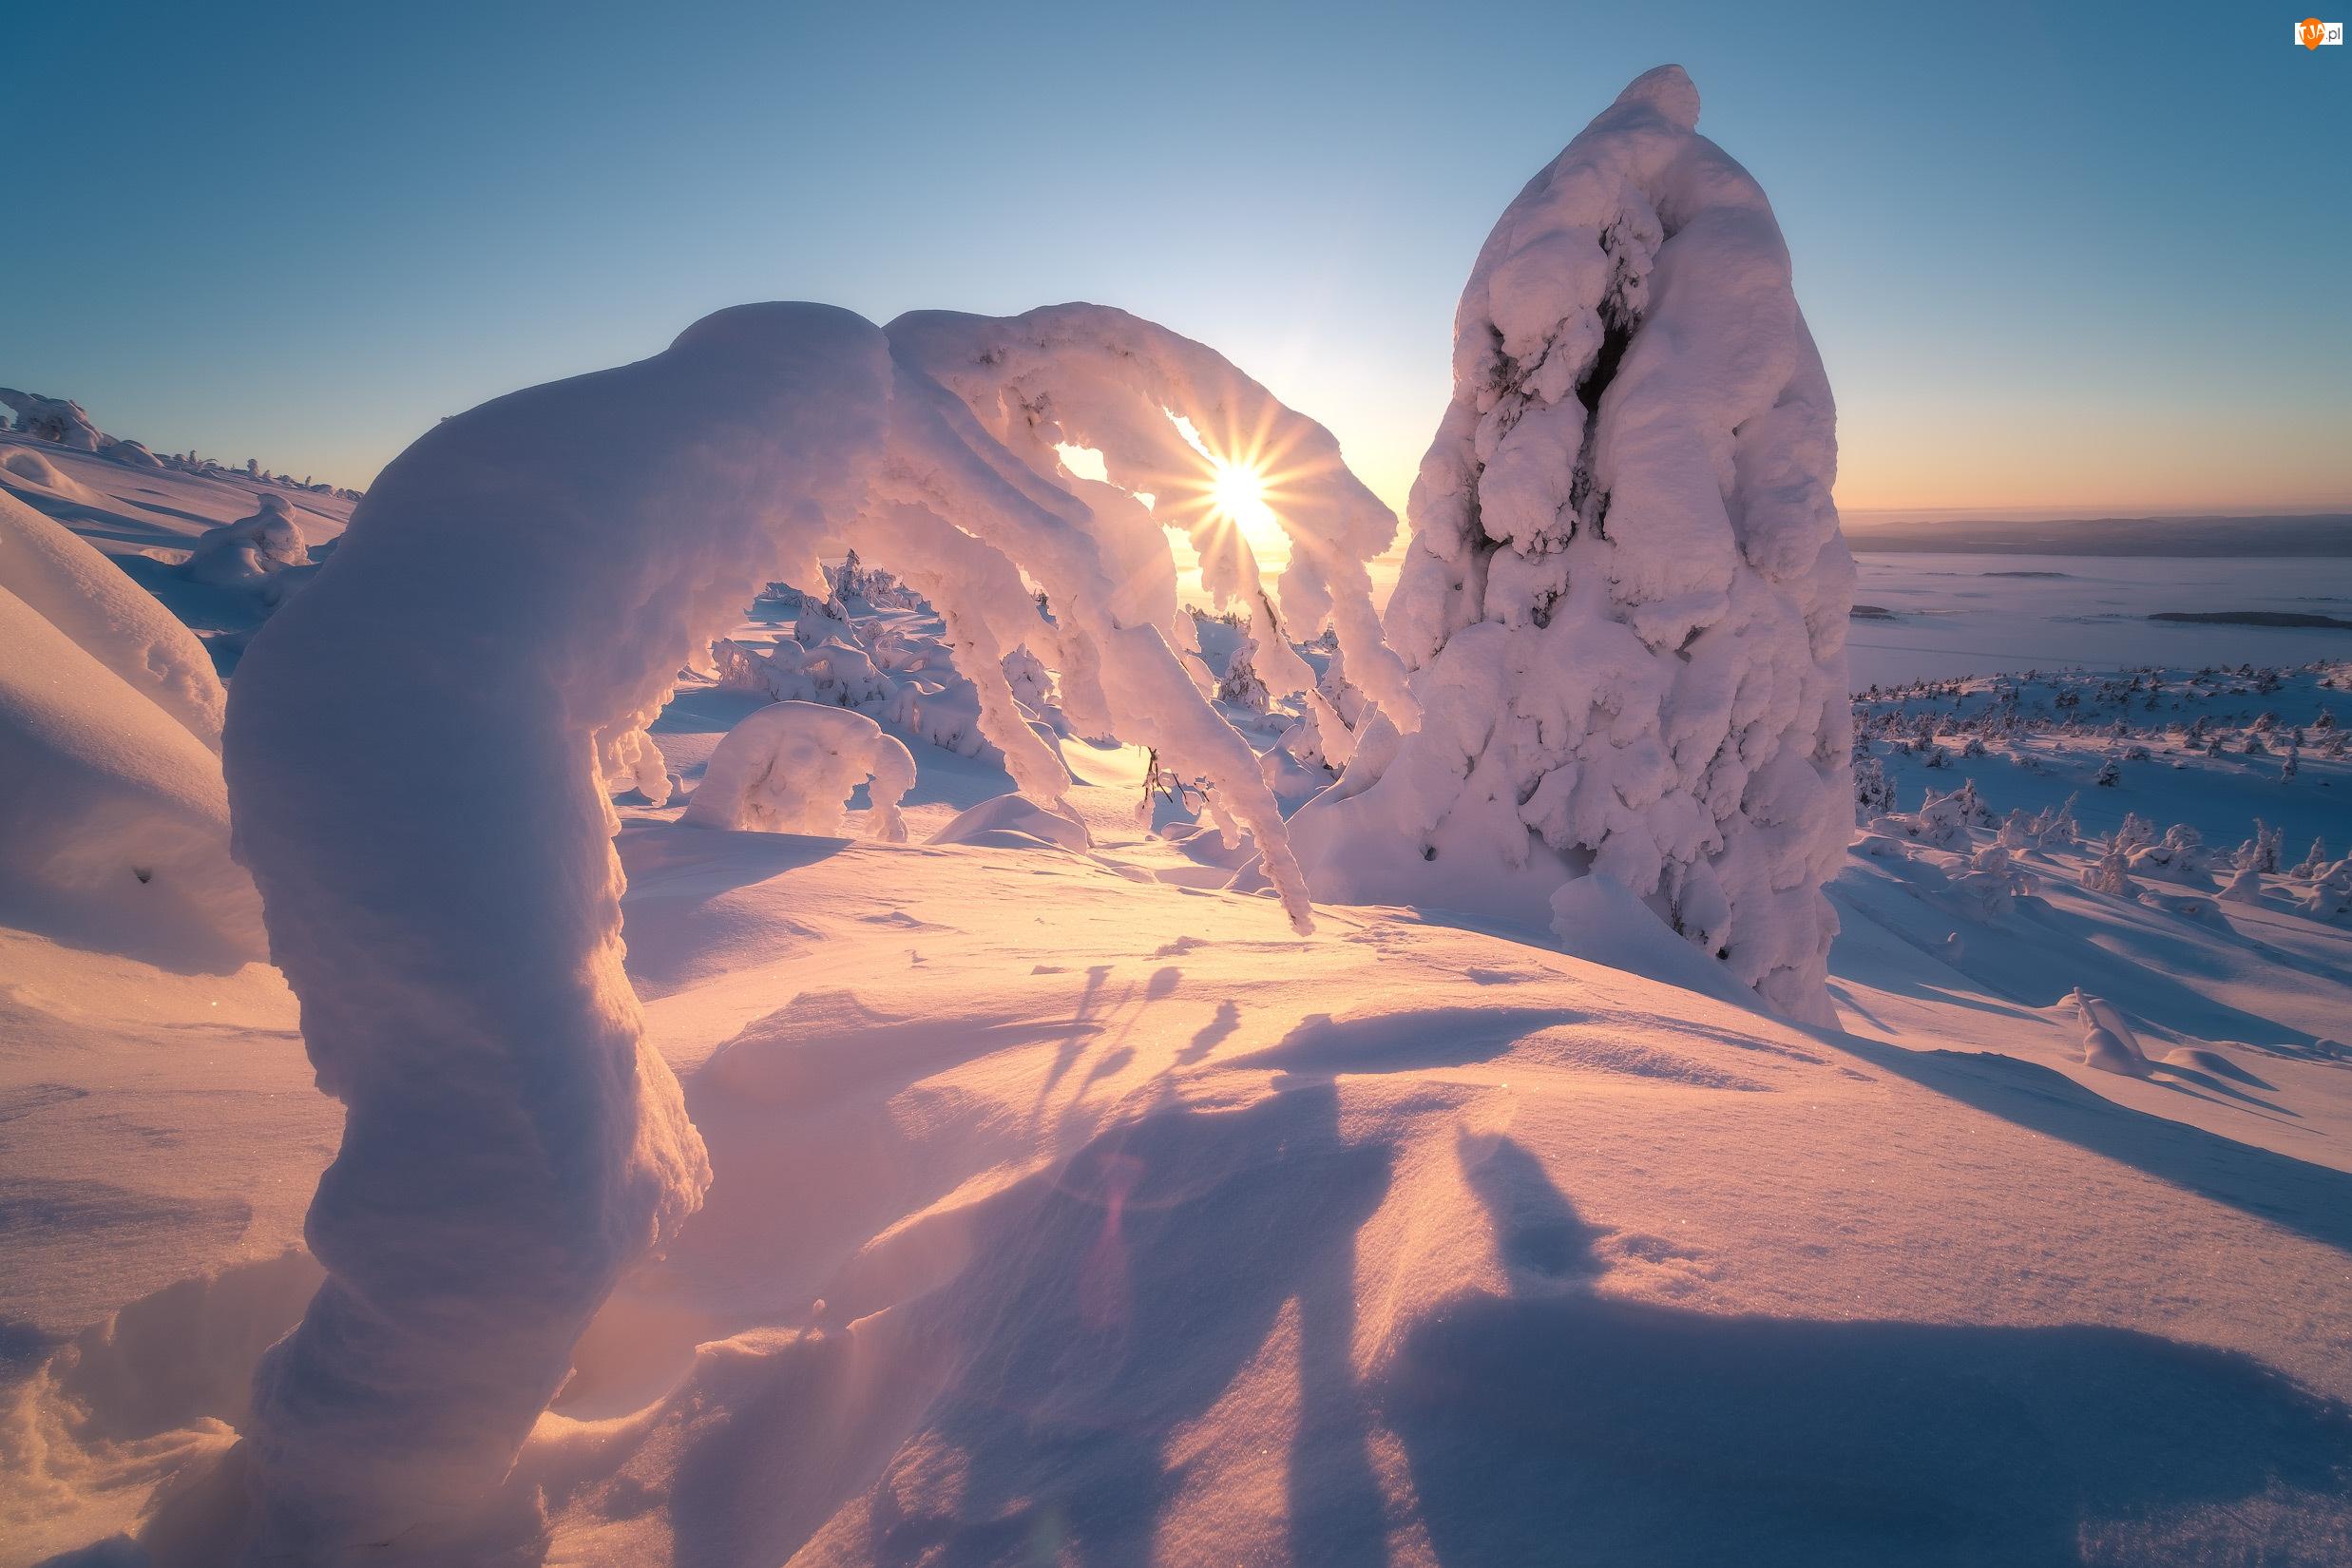 Ośnieżone, Drzewa, Rosja, Zima, Półwysep Kolski, Zatoka Kandałaksza, Promienie słońca